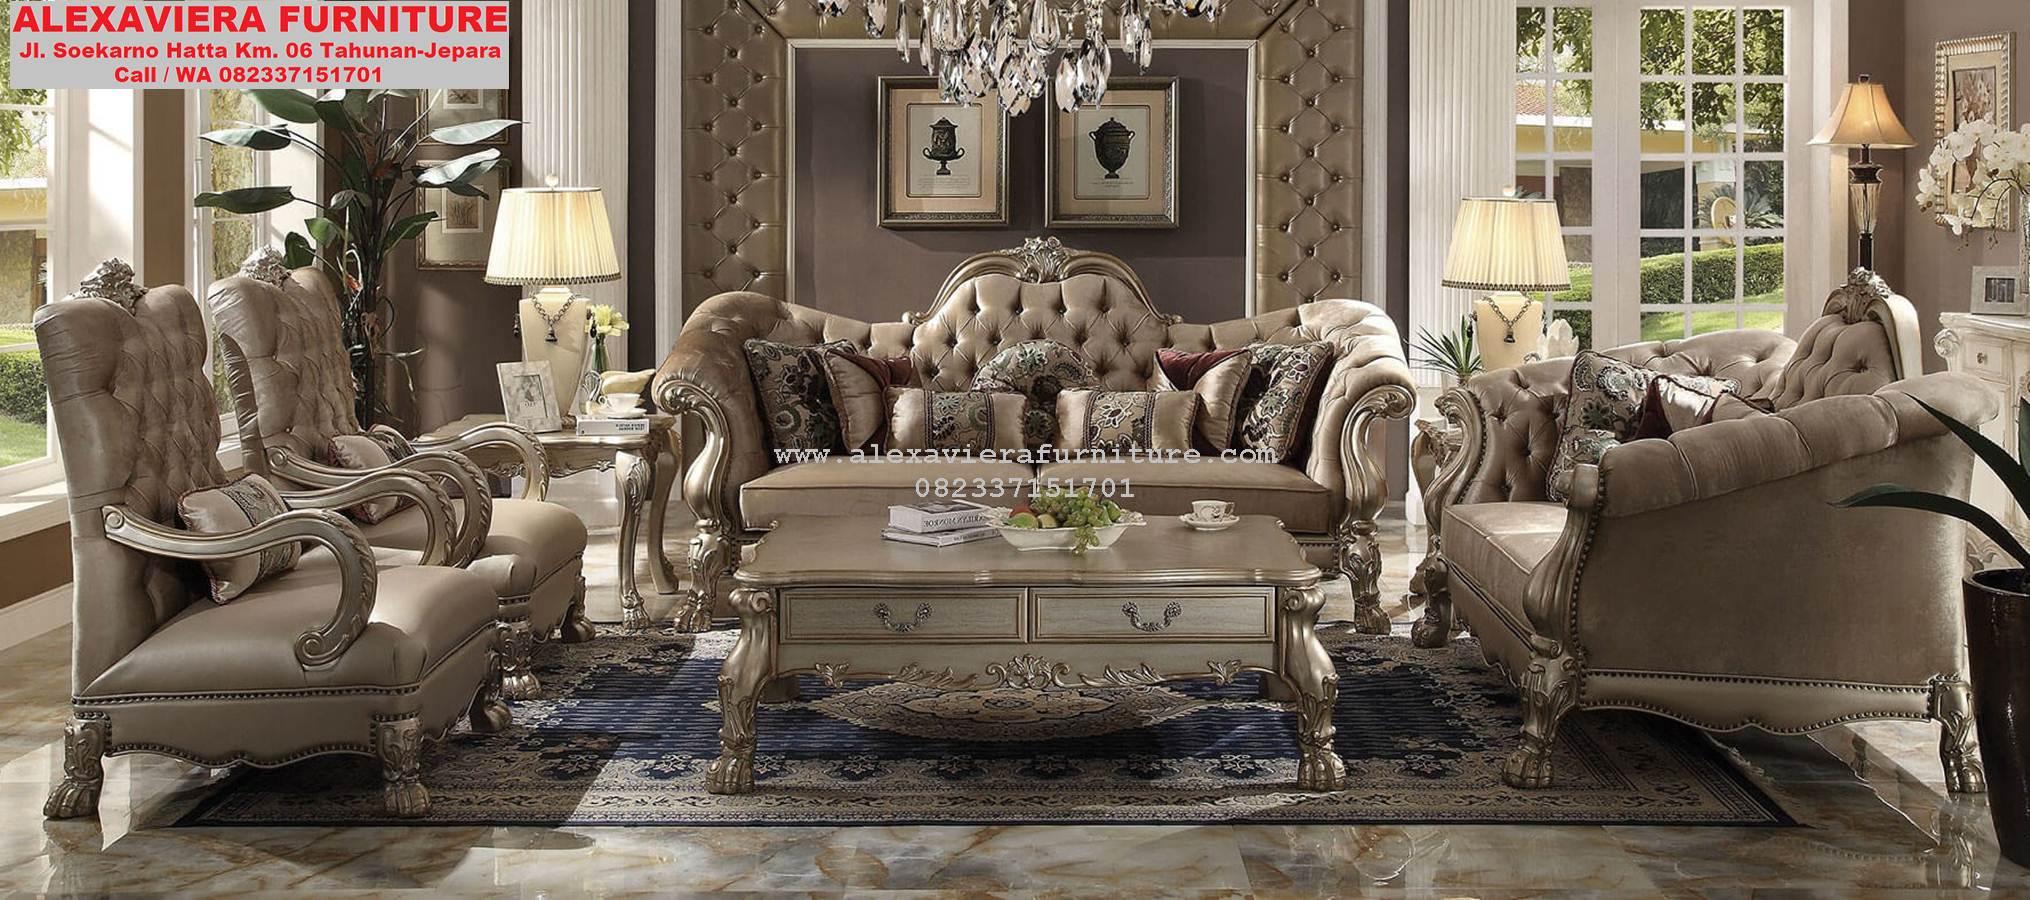 Sofa Kursi Tamu Mebel Jepara Terbaru Acme KT-055, Sofa Ruang Keluarga Kecil, Sofa Ruang Keluarga Modern, Model Sofa Ruang Keluarga, Desain Sofa Ruang Keluarga, Harga Sofa Ruang Keluarga, Sofa Ruang Tamu Modern, Sofa Ruang Tamu Terbaru, Sofa Ruang Tunggu, Sofa Ruang Keluarga Mewah, Sofa Ruang Keluarga Minimalis